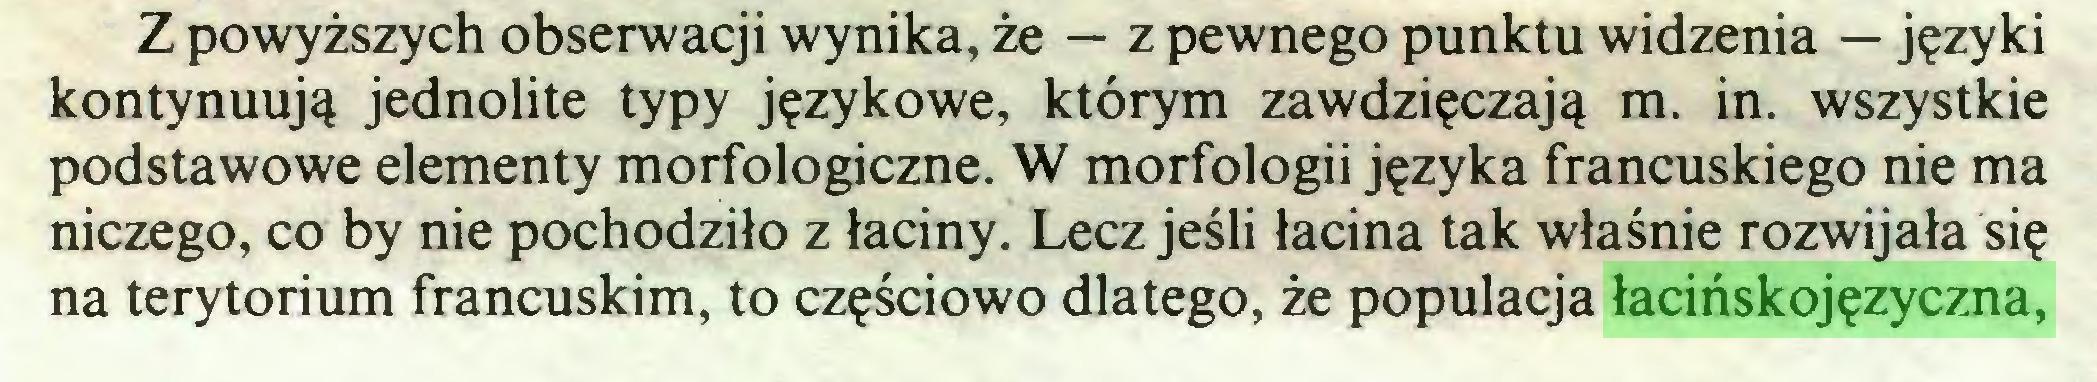 (...) Z powyższych obserwacji wynika, że — z pewnego punktu widzenia — języki kontynuują jednolite typy językowe, którym zawdzięczają m. in. wszystkie podstawowe elementy morfologiczne. W morfologii języka francuskiego nie ma niczego, co by nie pochodziło z łaciny. Lecz jeśli łacina tak właśnie rozwijała się na terytorium francuskim, to częściowo dlatego, że populacja łacińskojęzyczna,...